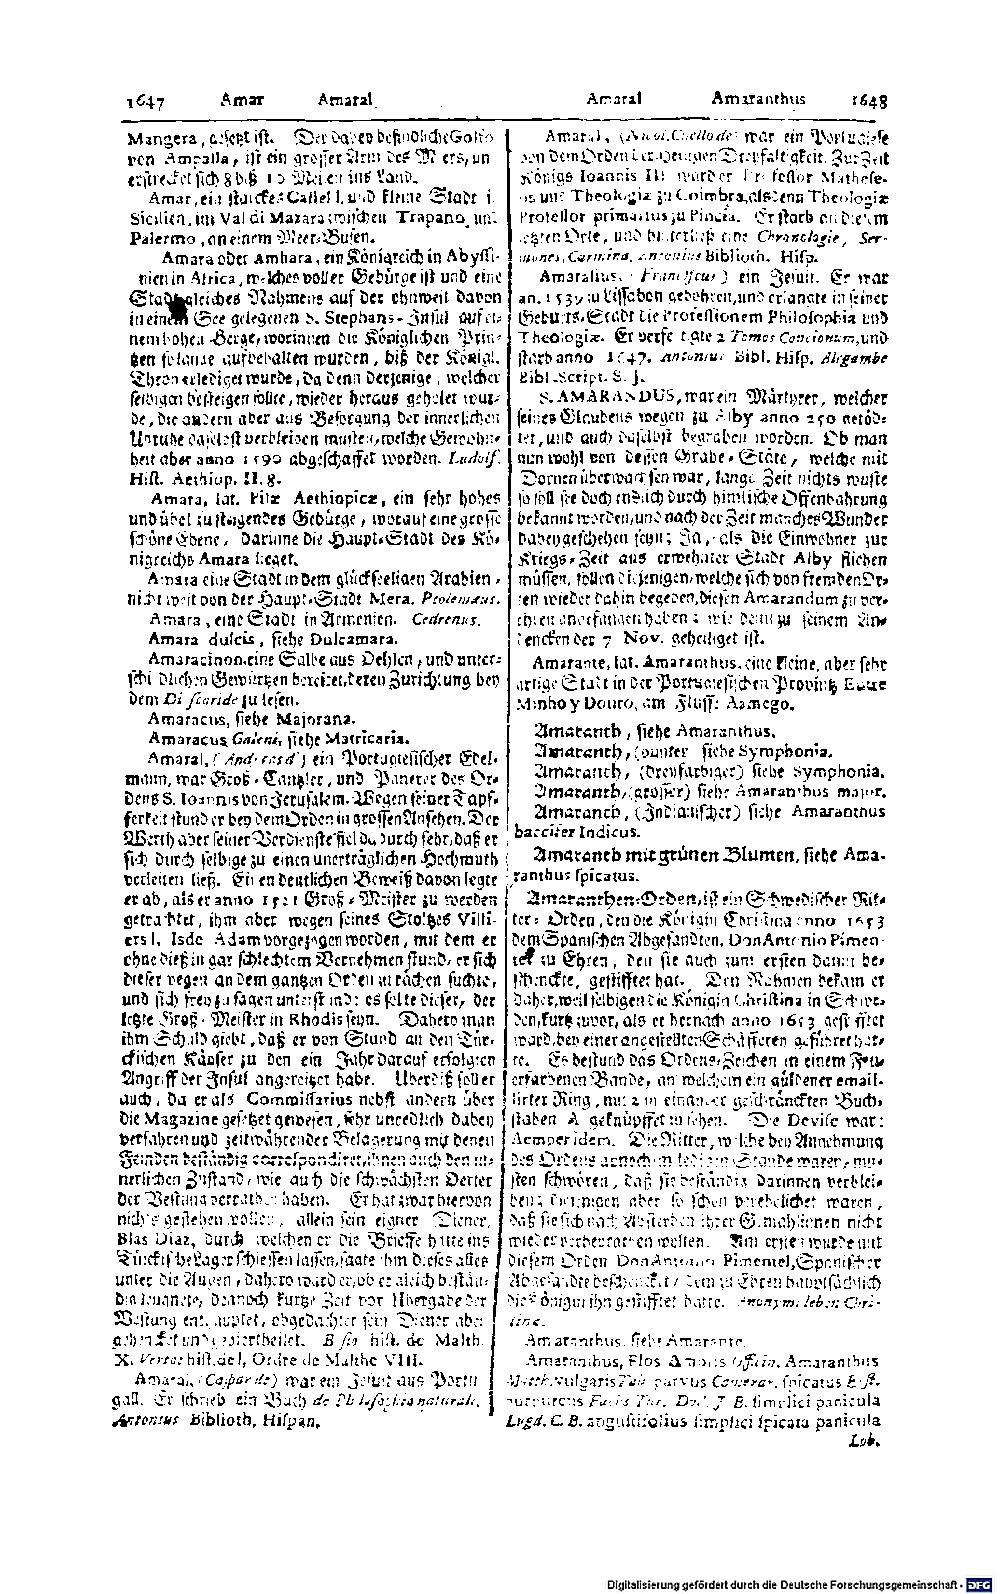 Bd. 1, Seite 0815.